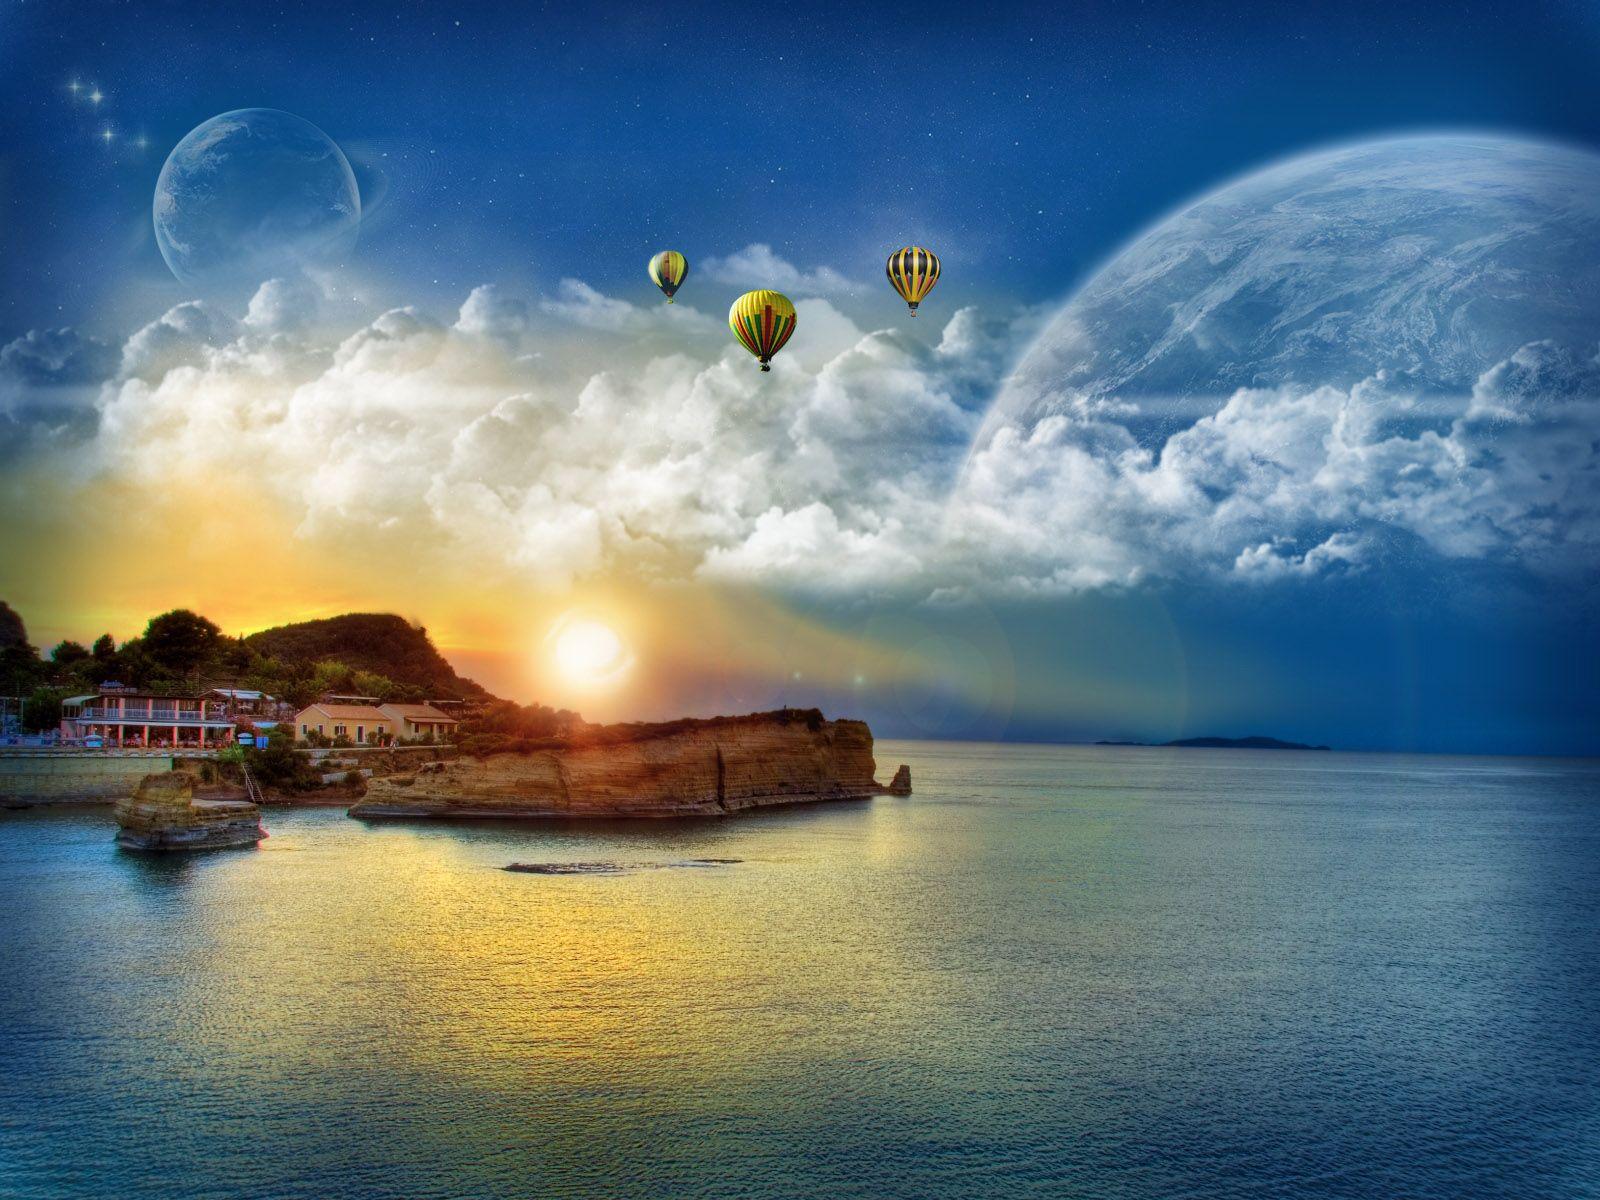 http://4.bp.blogspot.com/-BTGIw8Ugbds/TalNFX0AU9I/AAAAAAAAACM/mZB_1sEIgnk/s1600/Sunset-behind-rock-nature.jpg